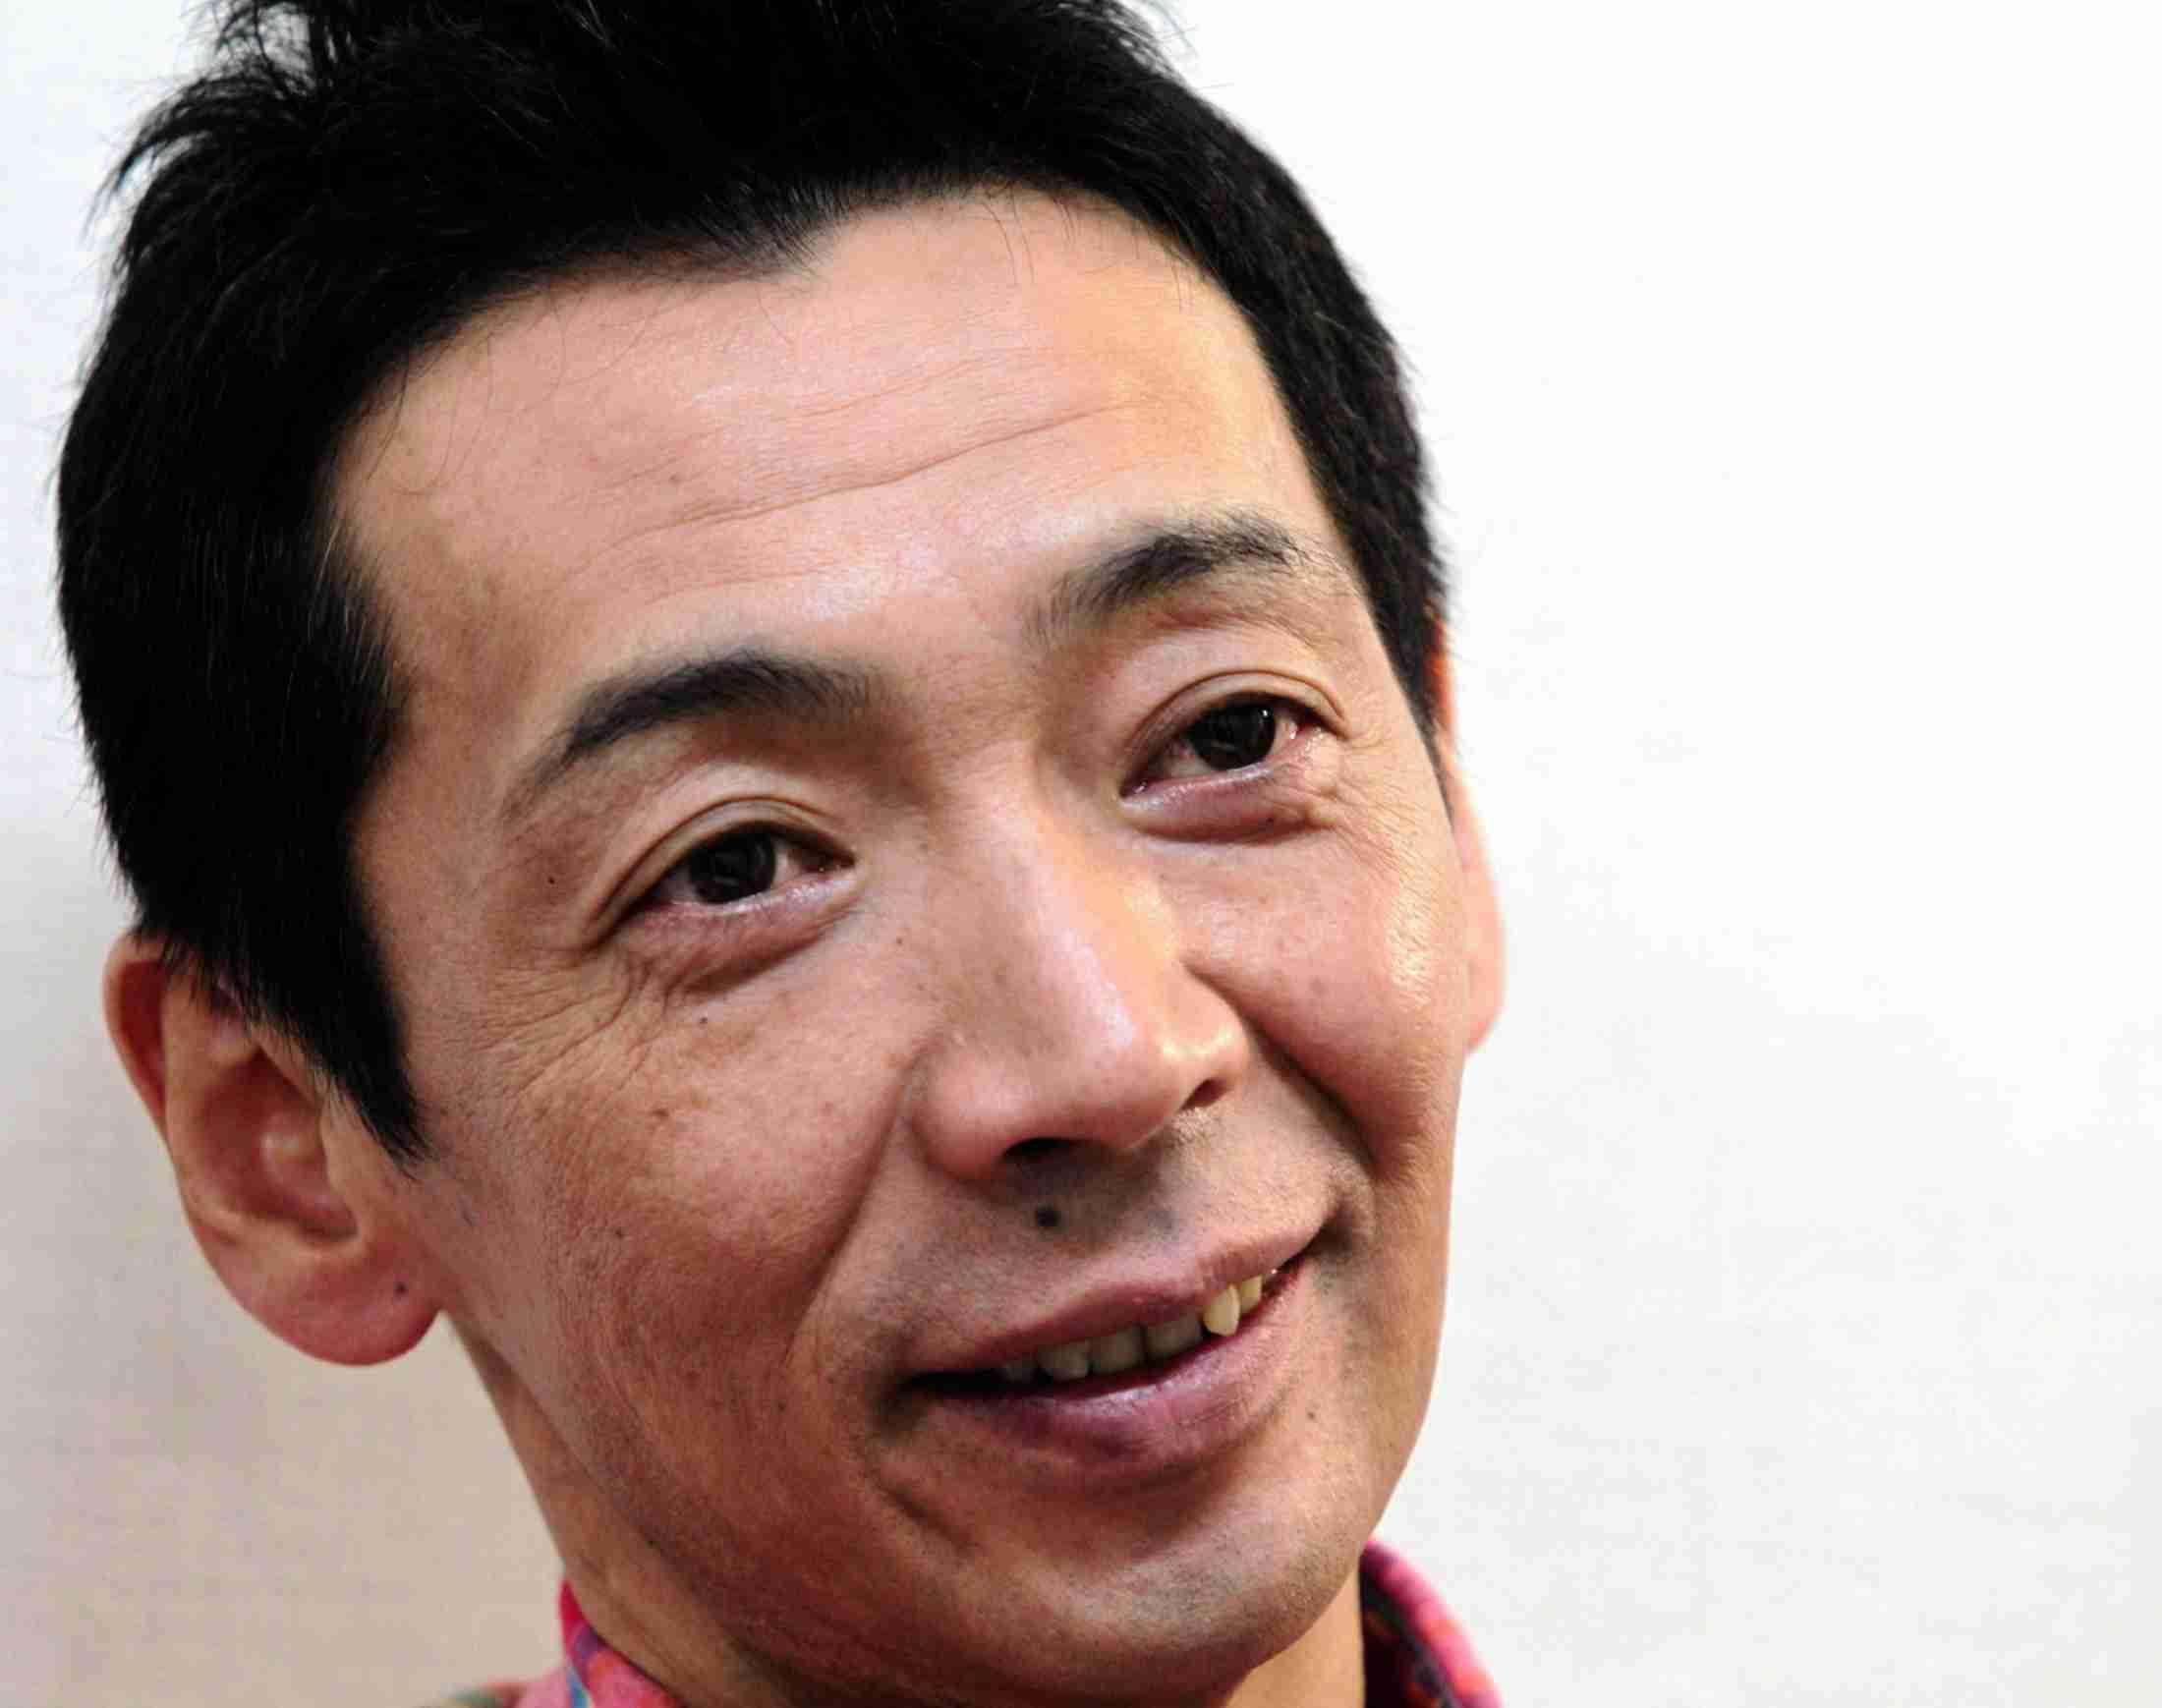 日本相撲協会がミヤネ屋へ抗議文「不十分な取材に基づき事実と異なる内容を放送」 (デイリースポーツ) - Yahoo!ニュース